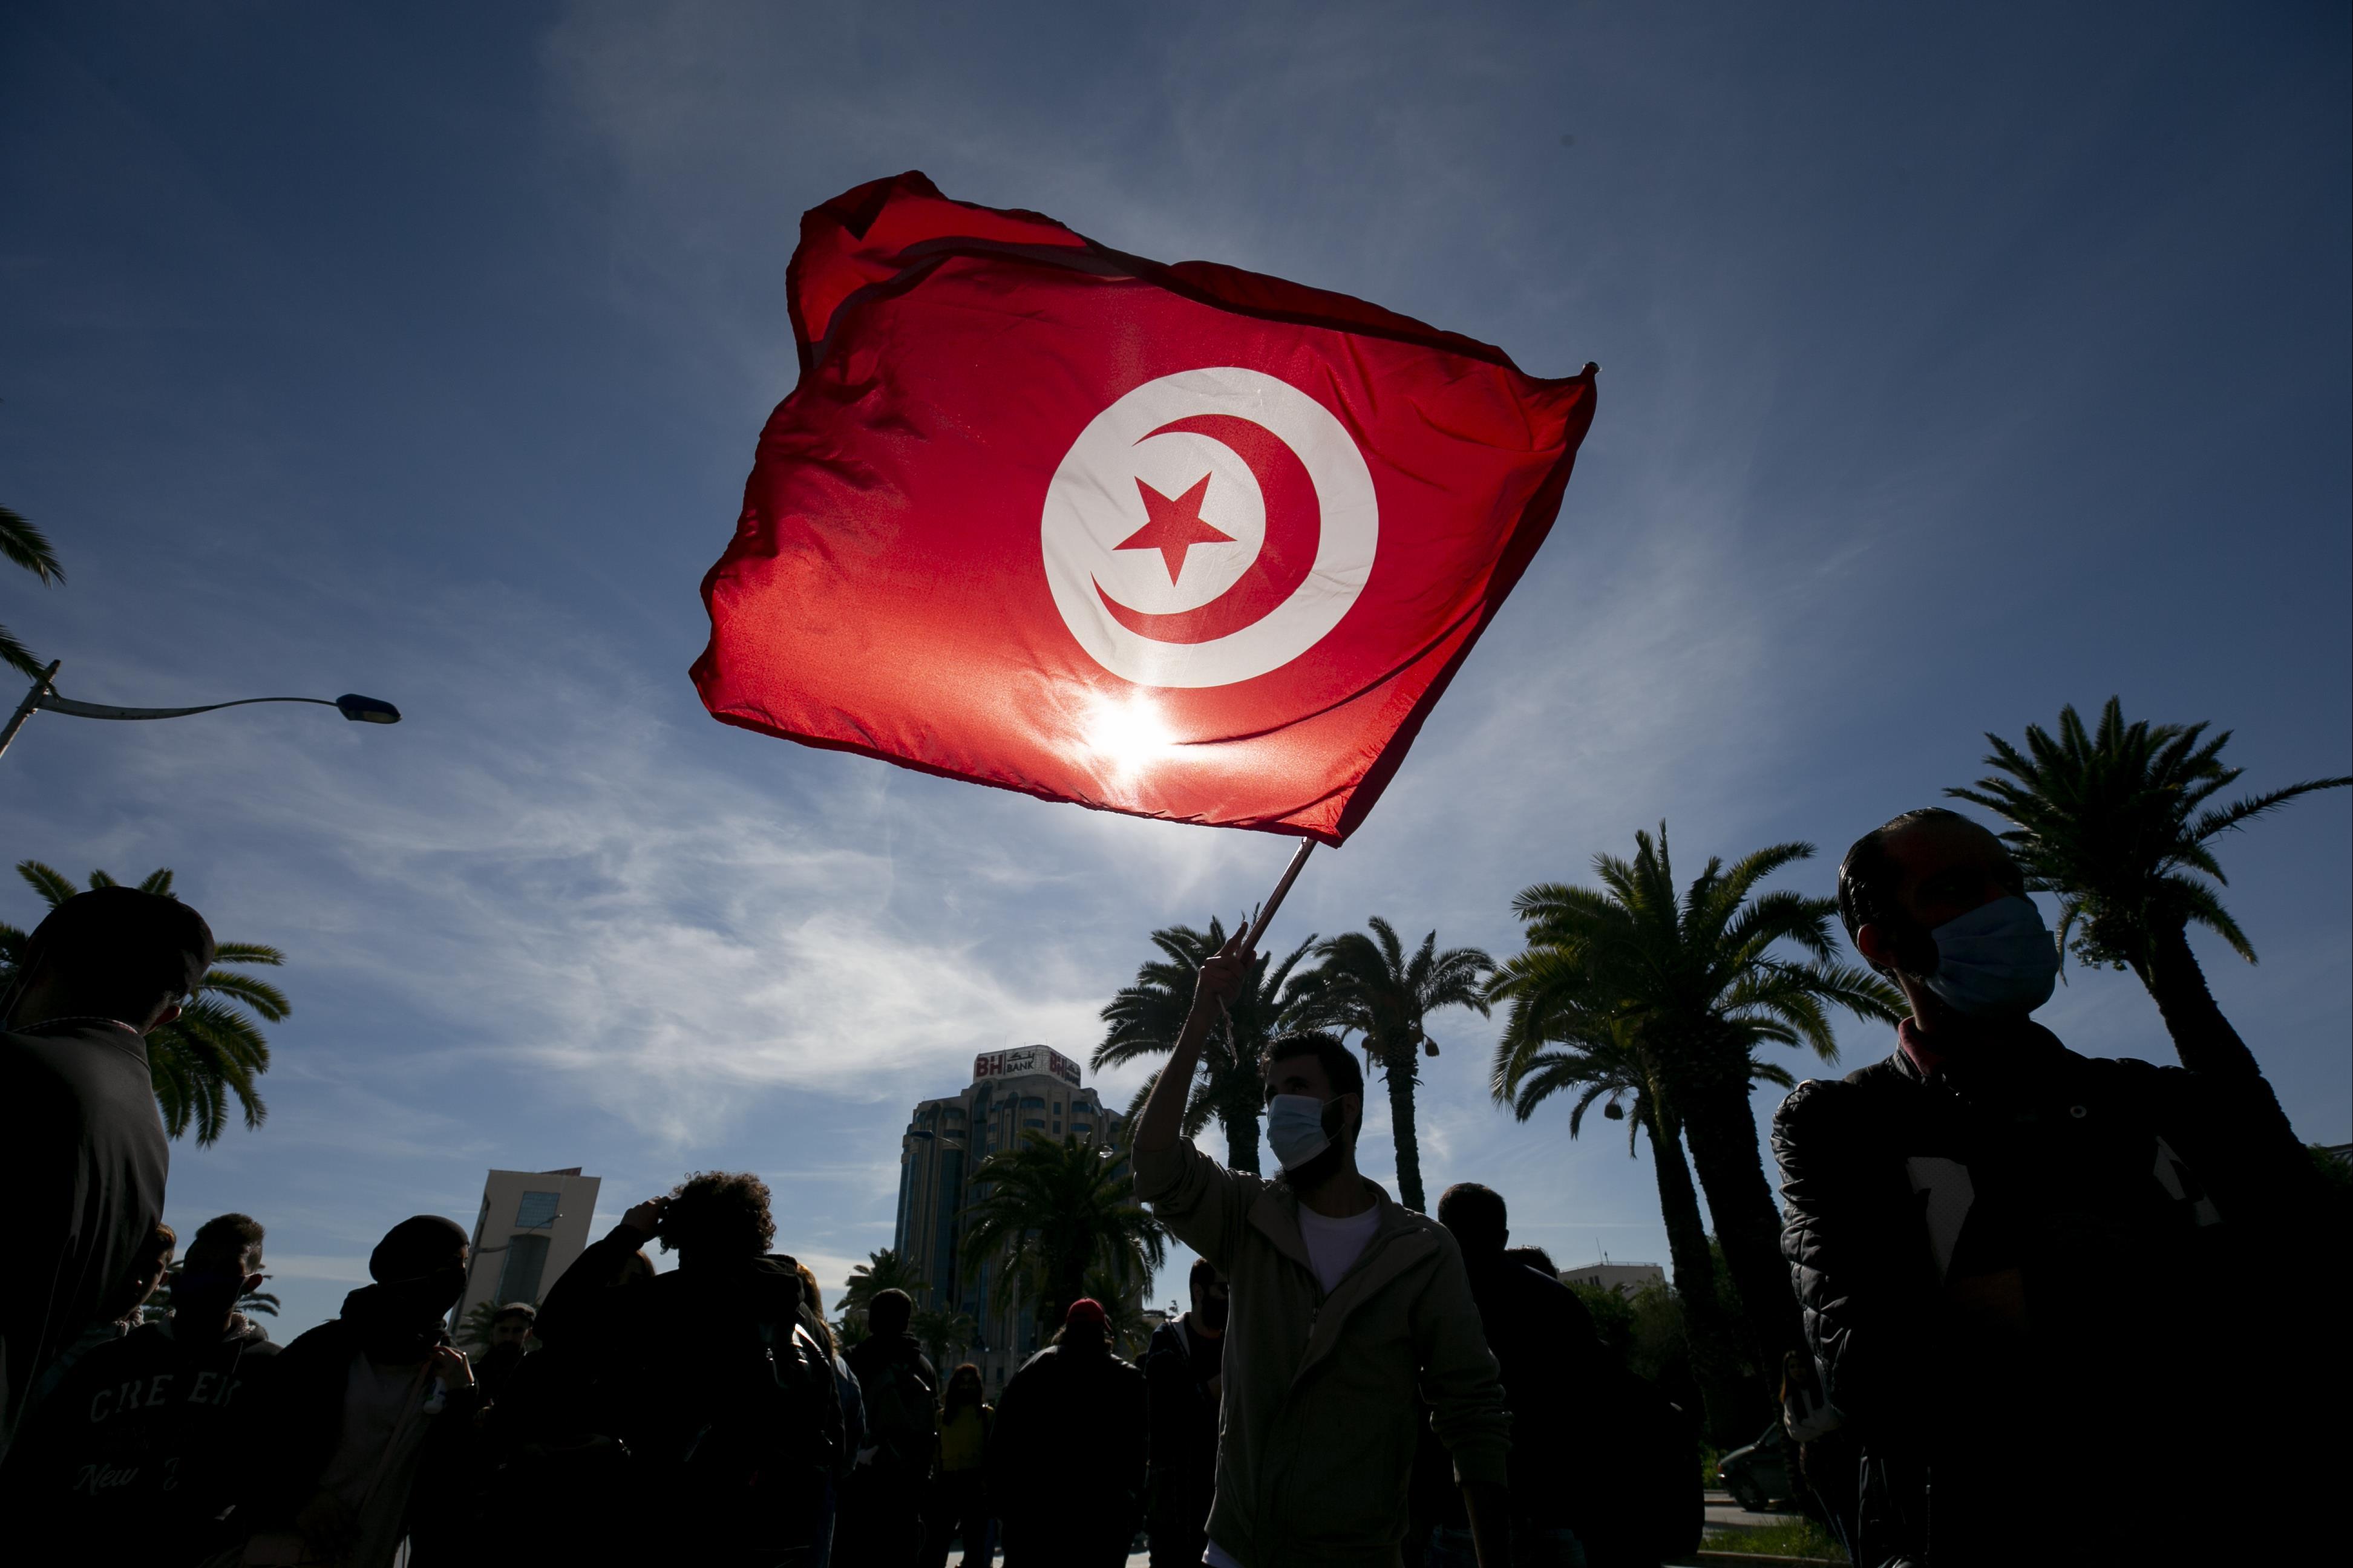 الأزمة السياسية في تونس: من ينتصر في معركة الصلاحيات؟